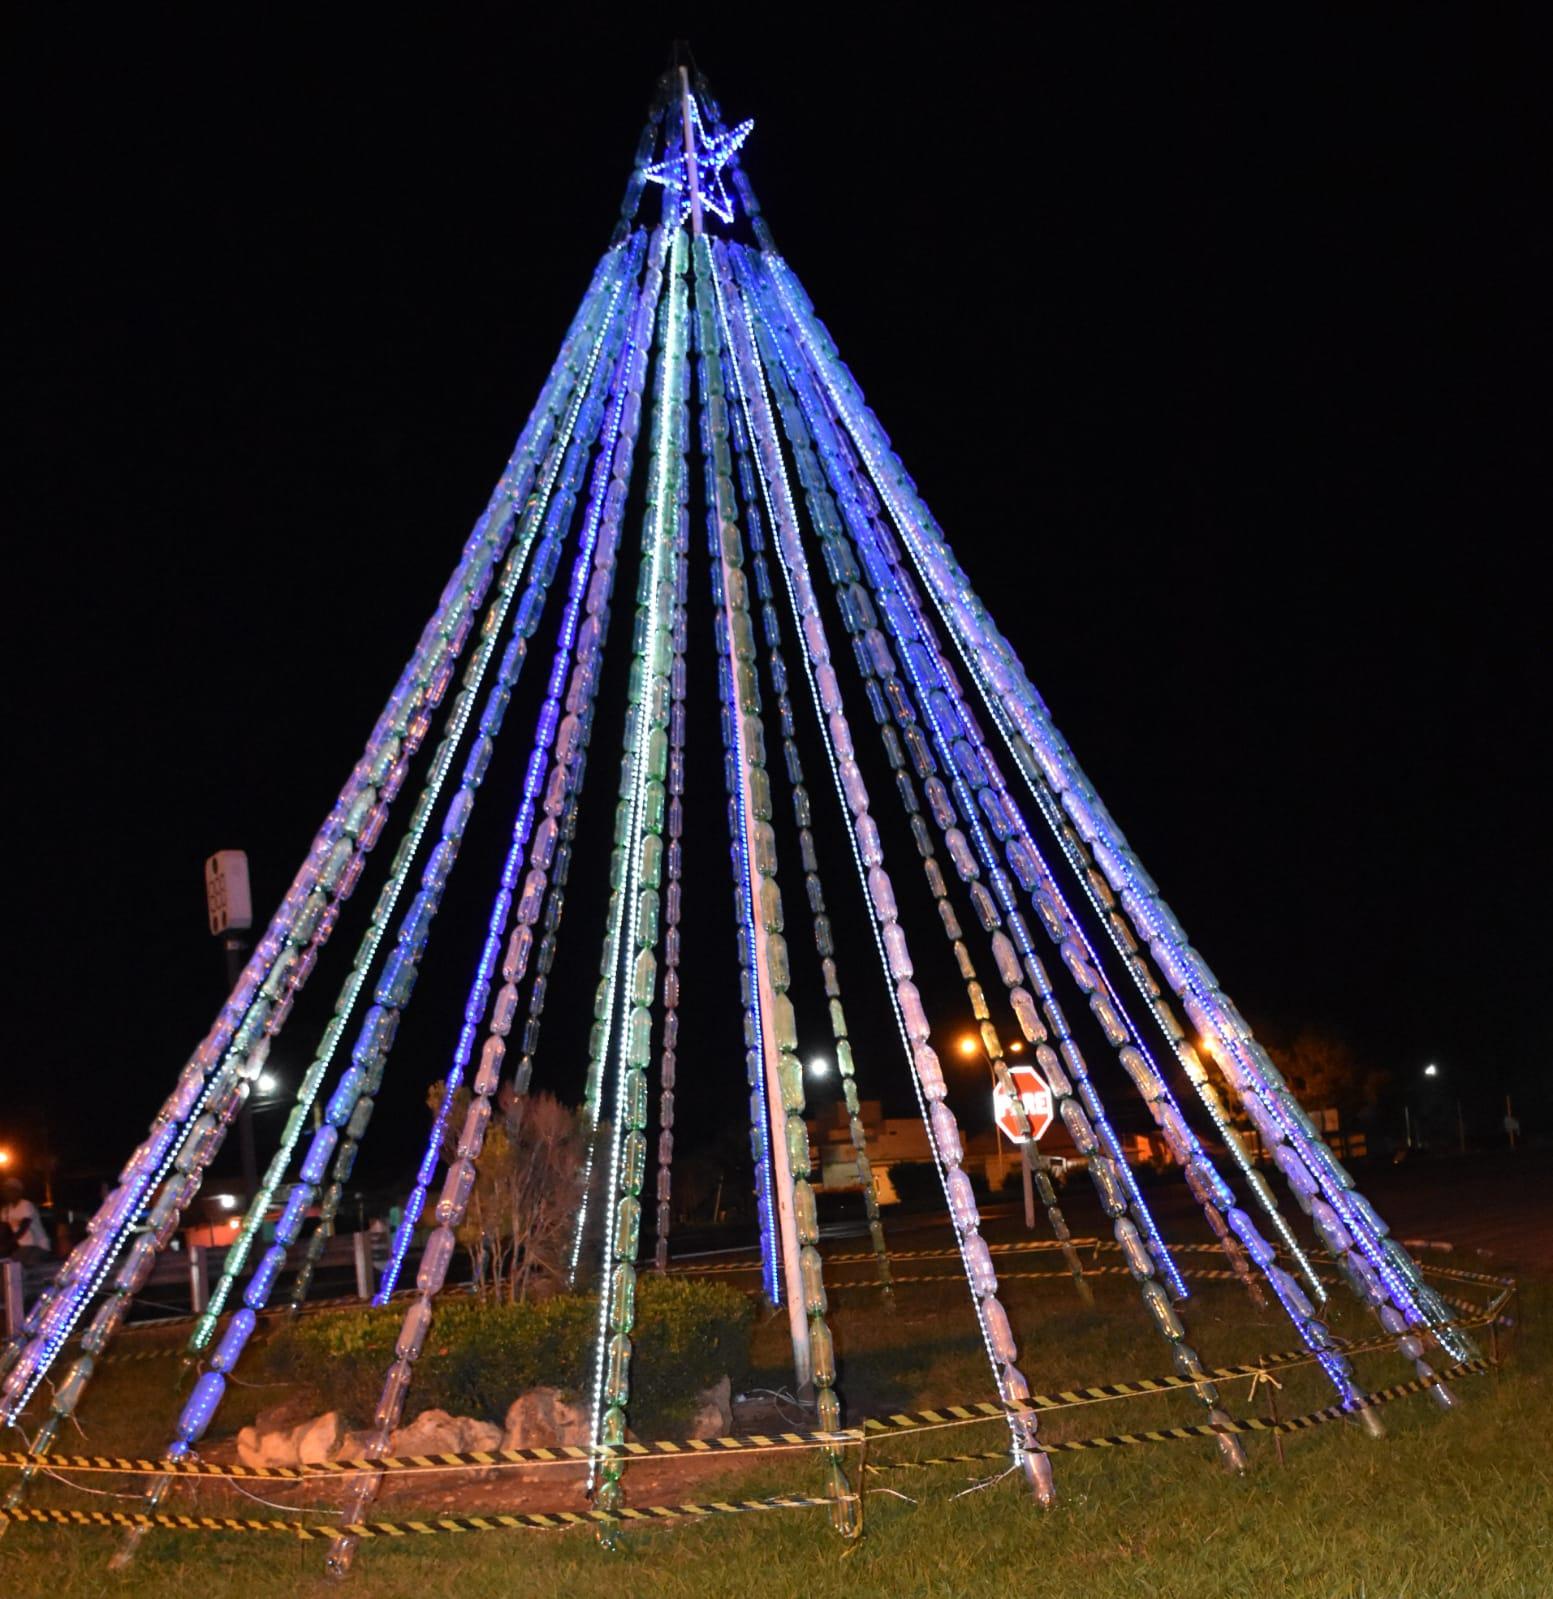 Árvore de Natal de garrafa pet com 10 metros é novidade em Pugmil